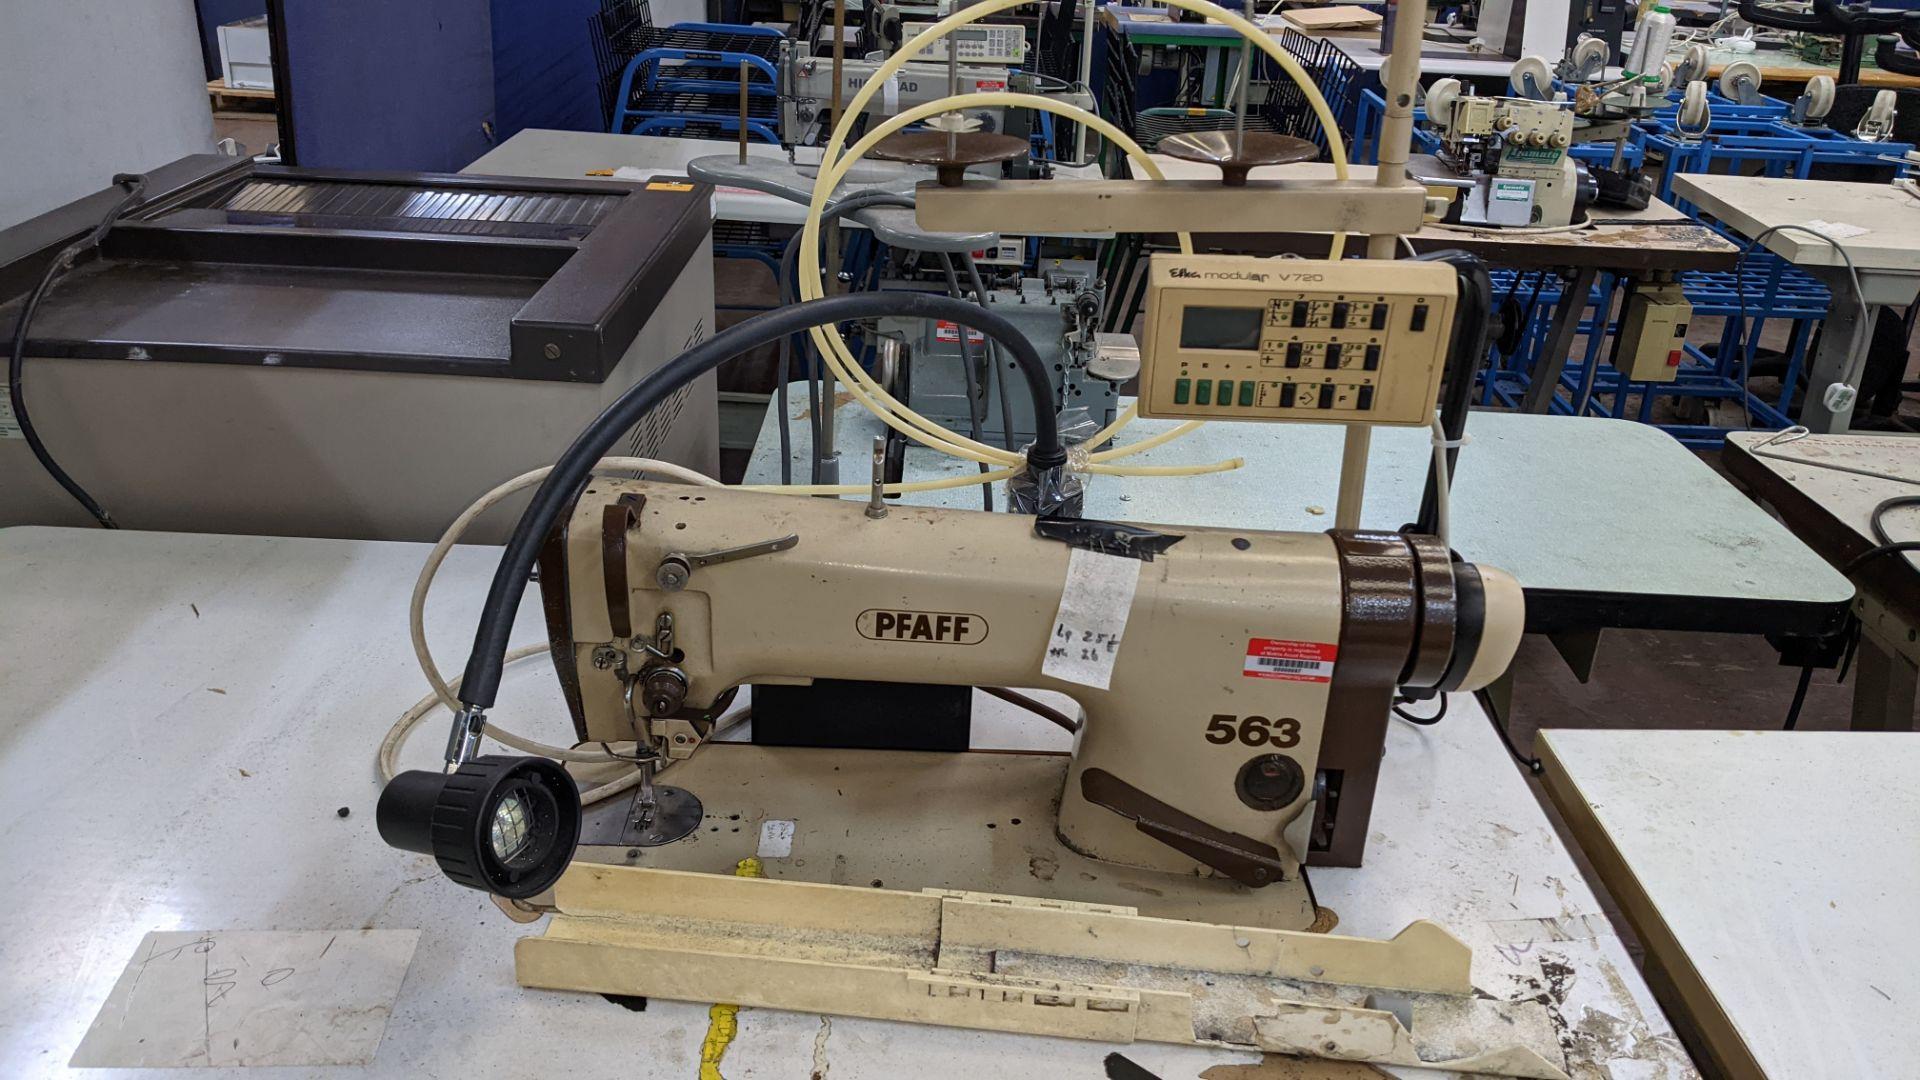 Pfaff model 563 sewing machine with Efka modular V720 digital controller - Image 6 of 13